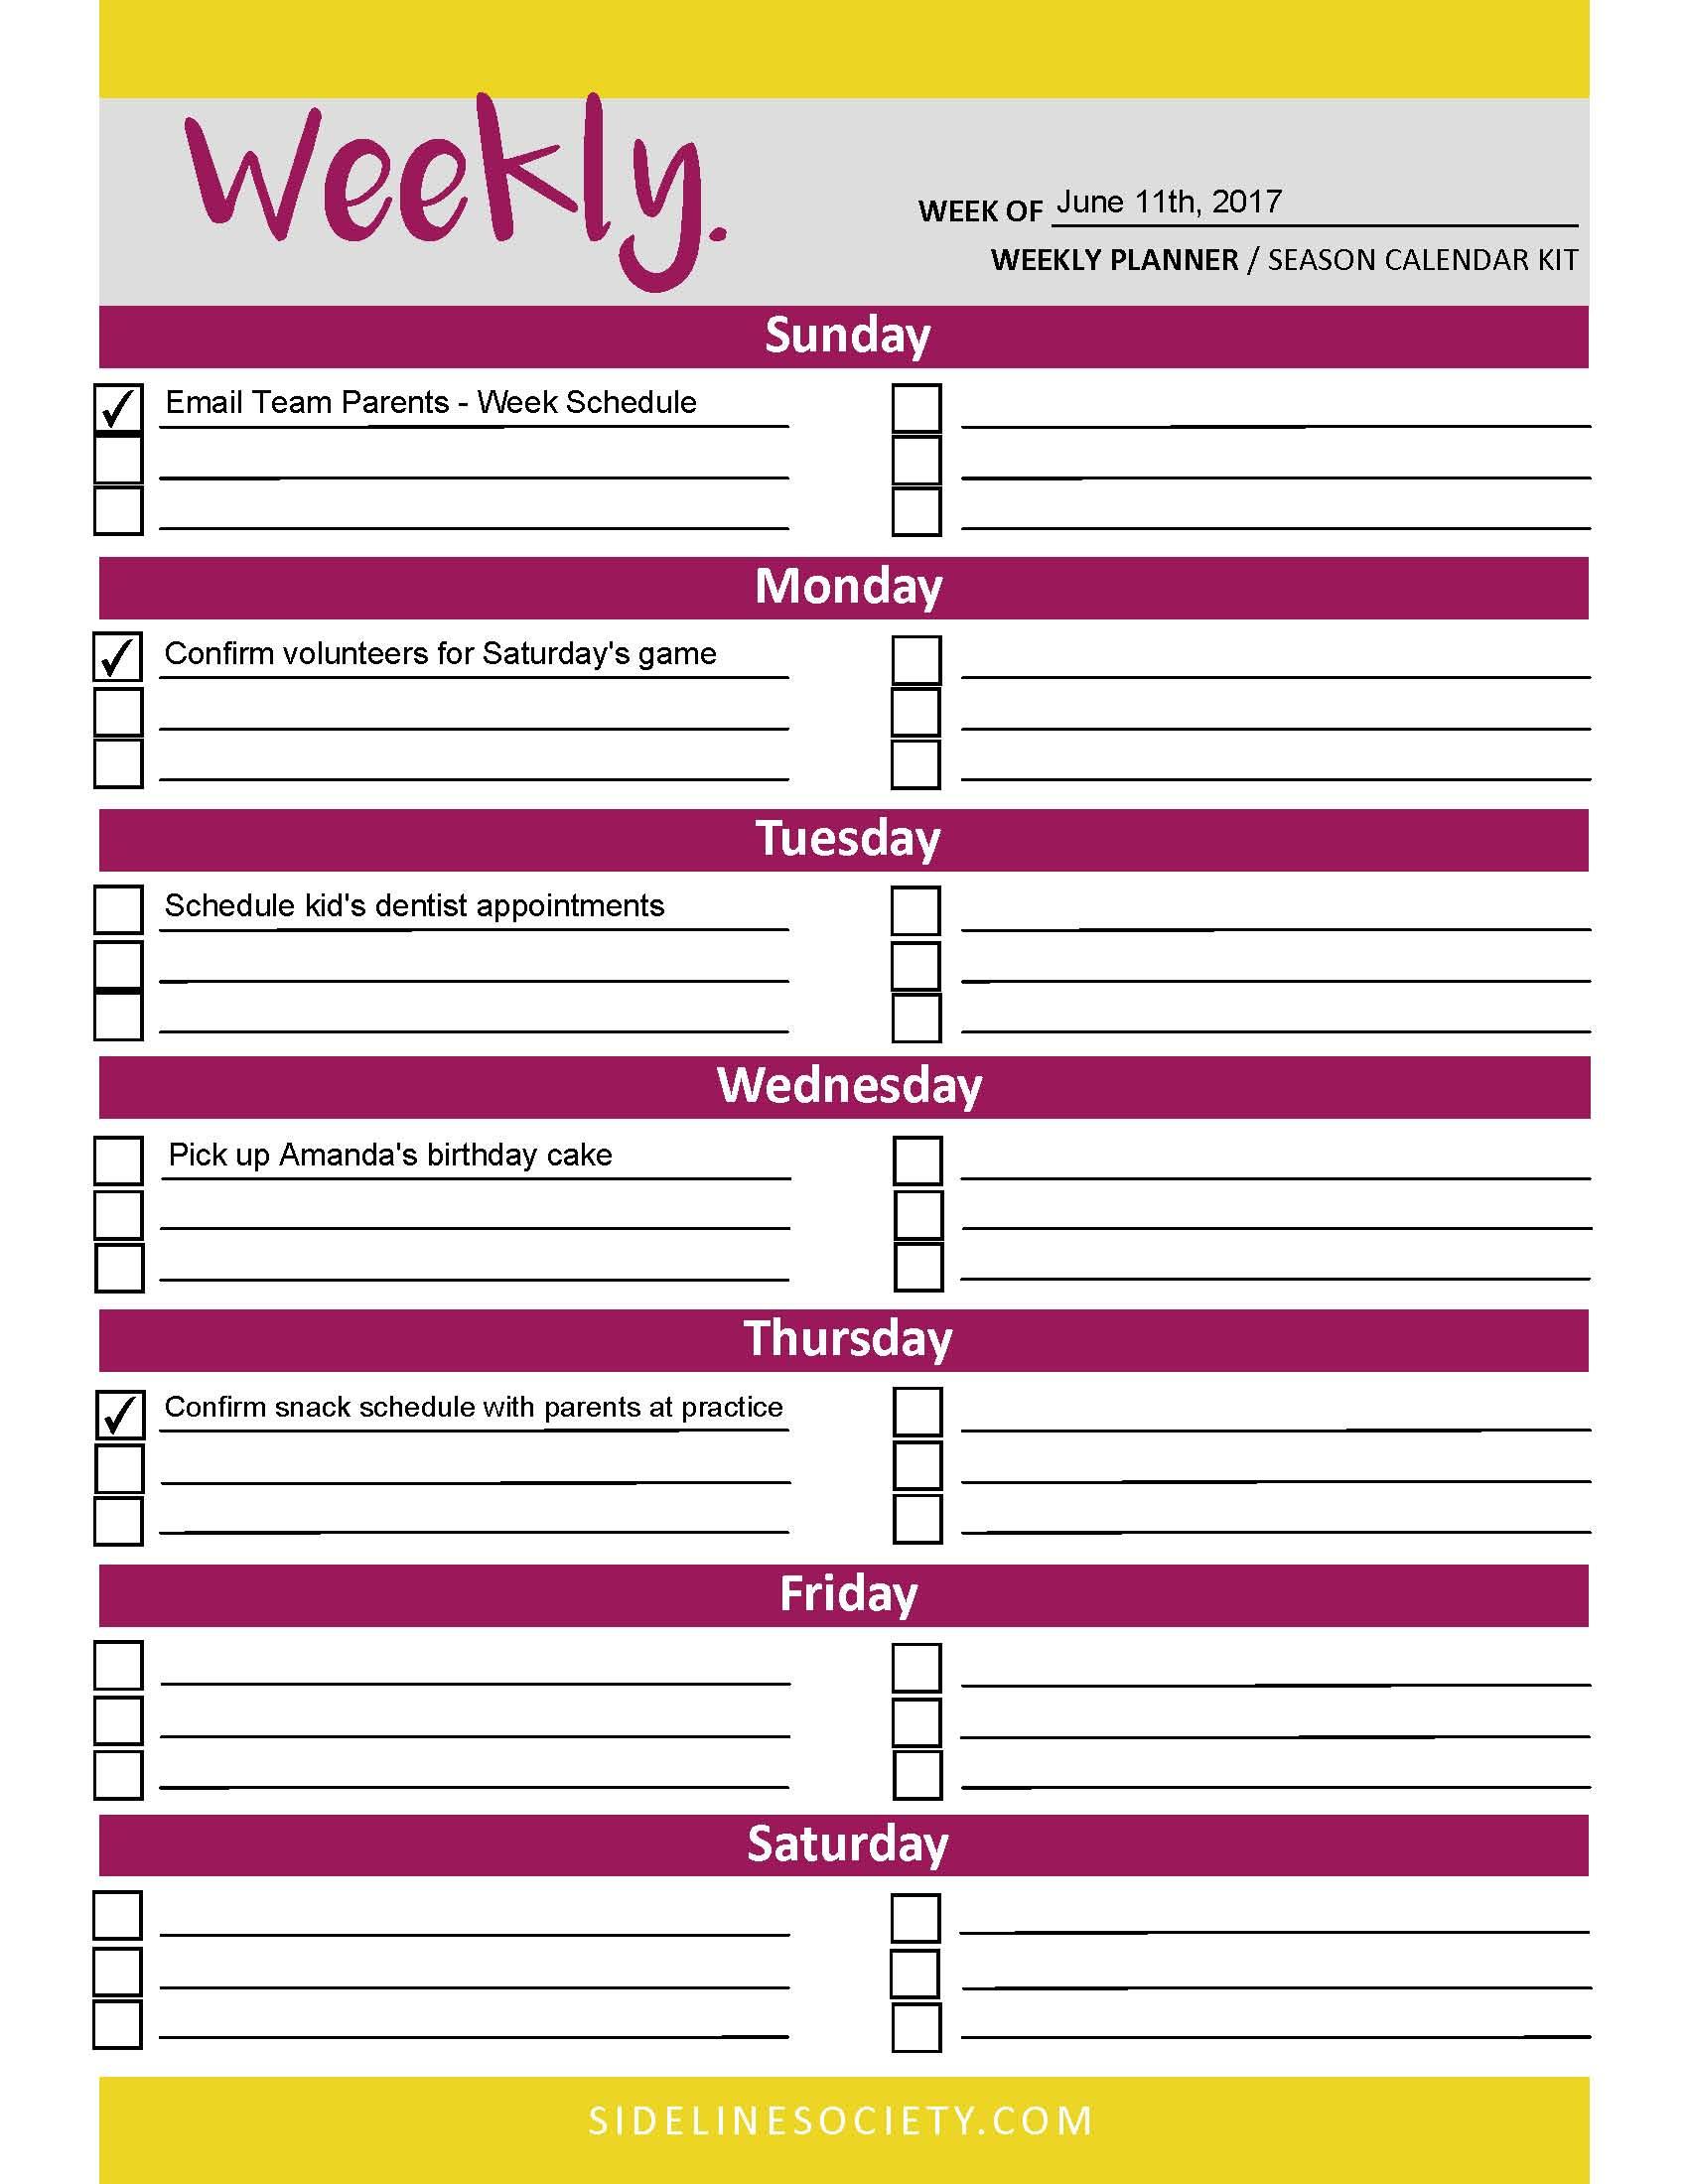 Weekly Planner (Season Planning Kit)